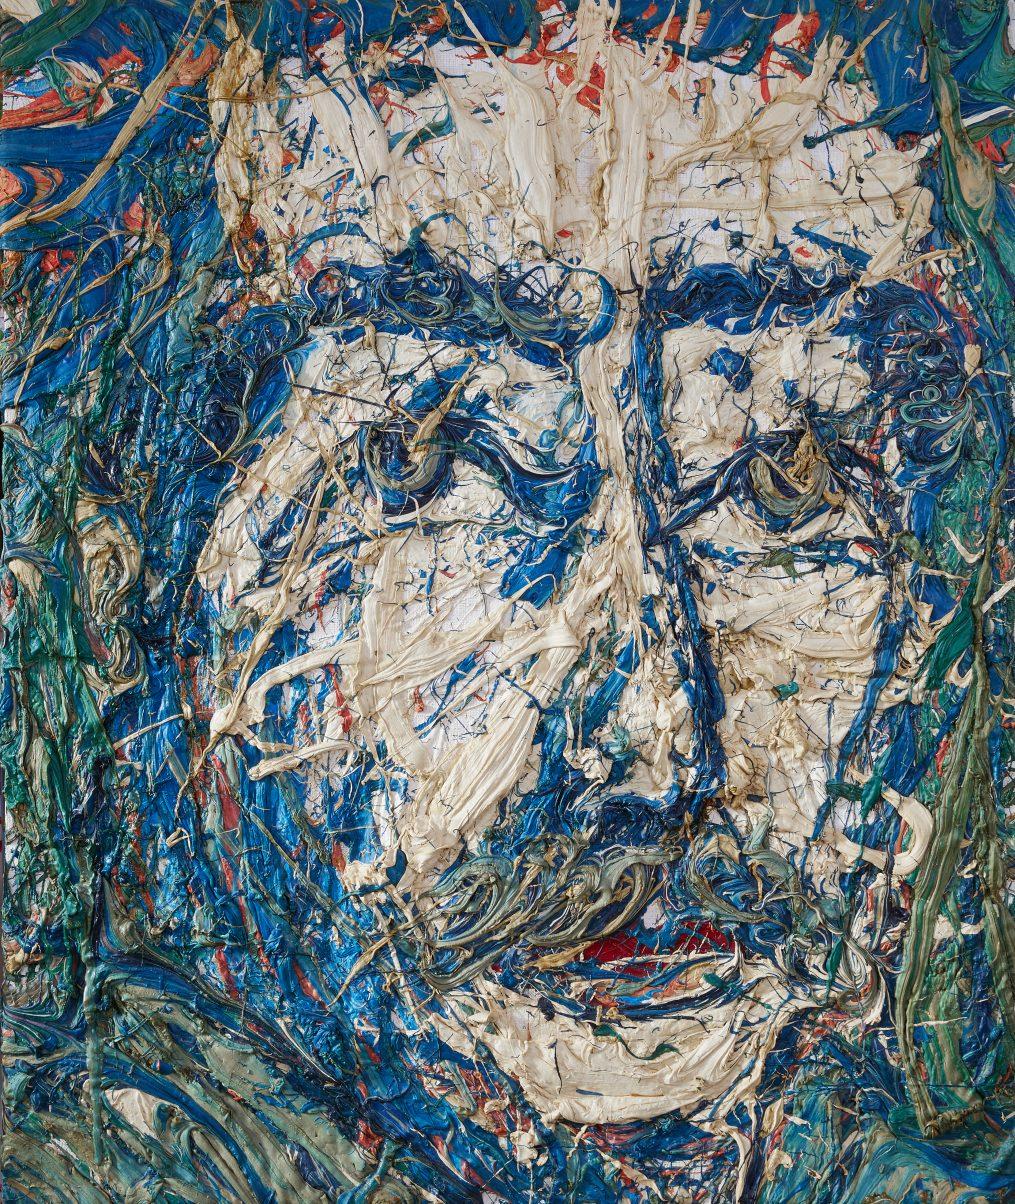 """""""Портрет мужчины"""", 2011 г., холст, масло, 120 х 100 см. Цена по запросу"""